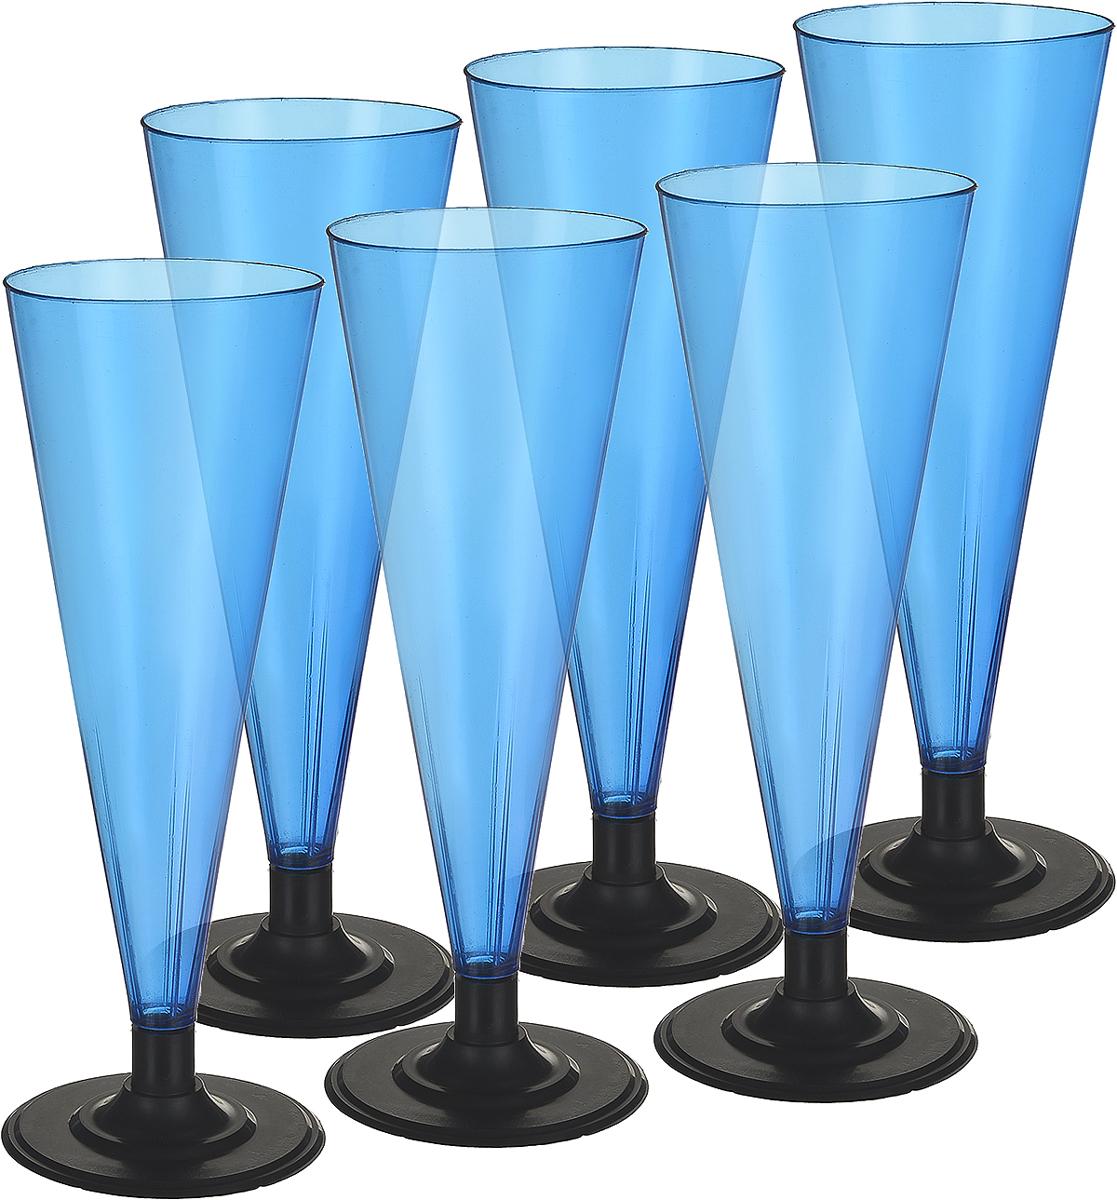 Фужер Мистерия, цвет: синий, черный, 180 мл, 6 шт182151Фужер Buffet выполнен из полистирола. Предназаначен для холодных и горячих (до +70С) напитков. В комплекте 6 шт.